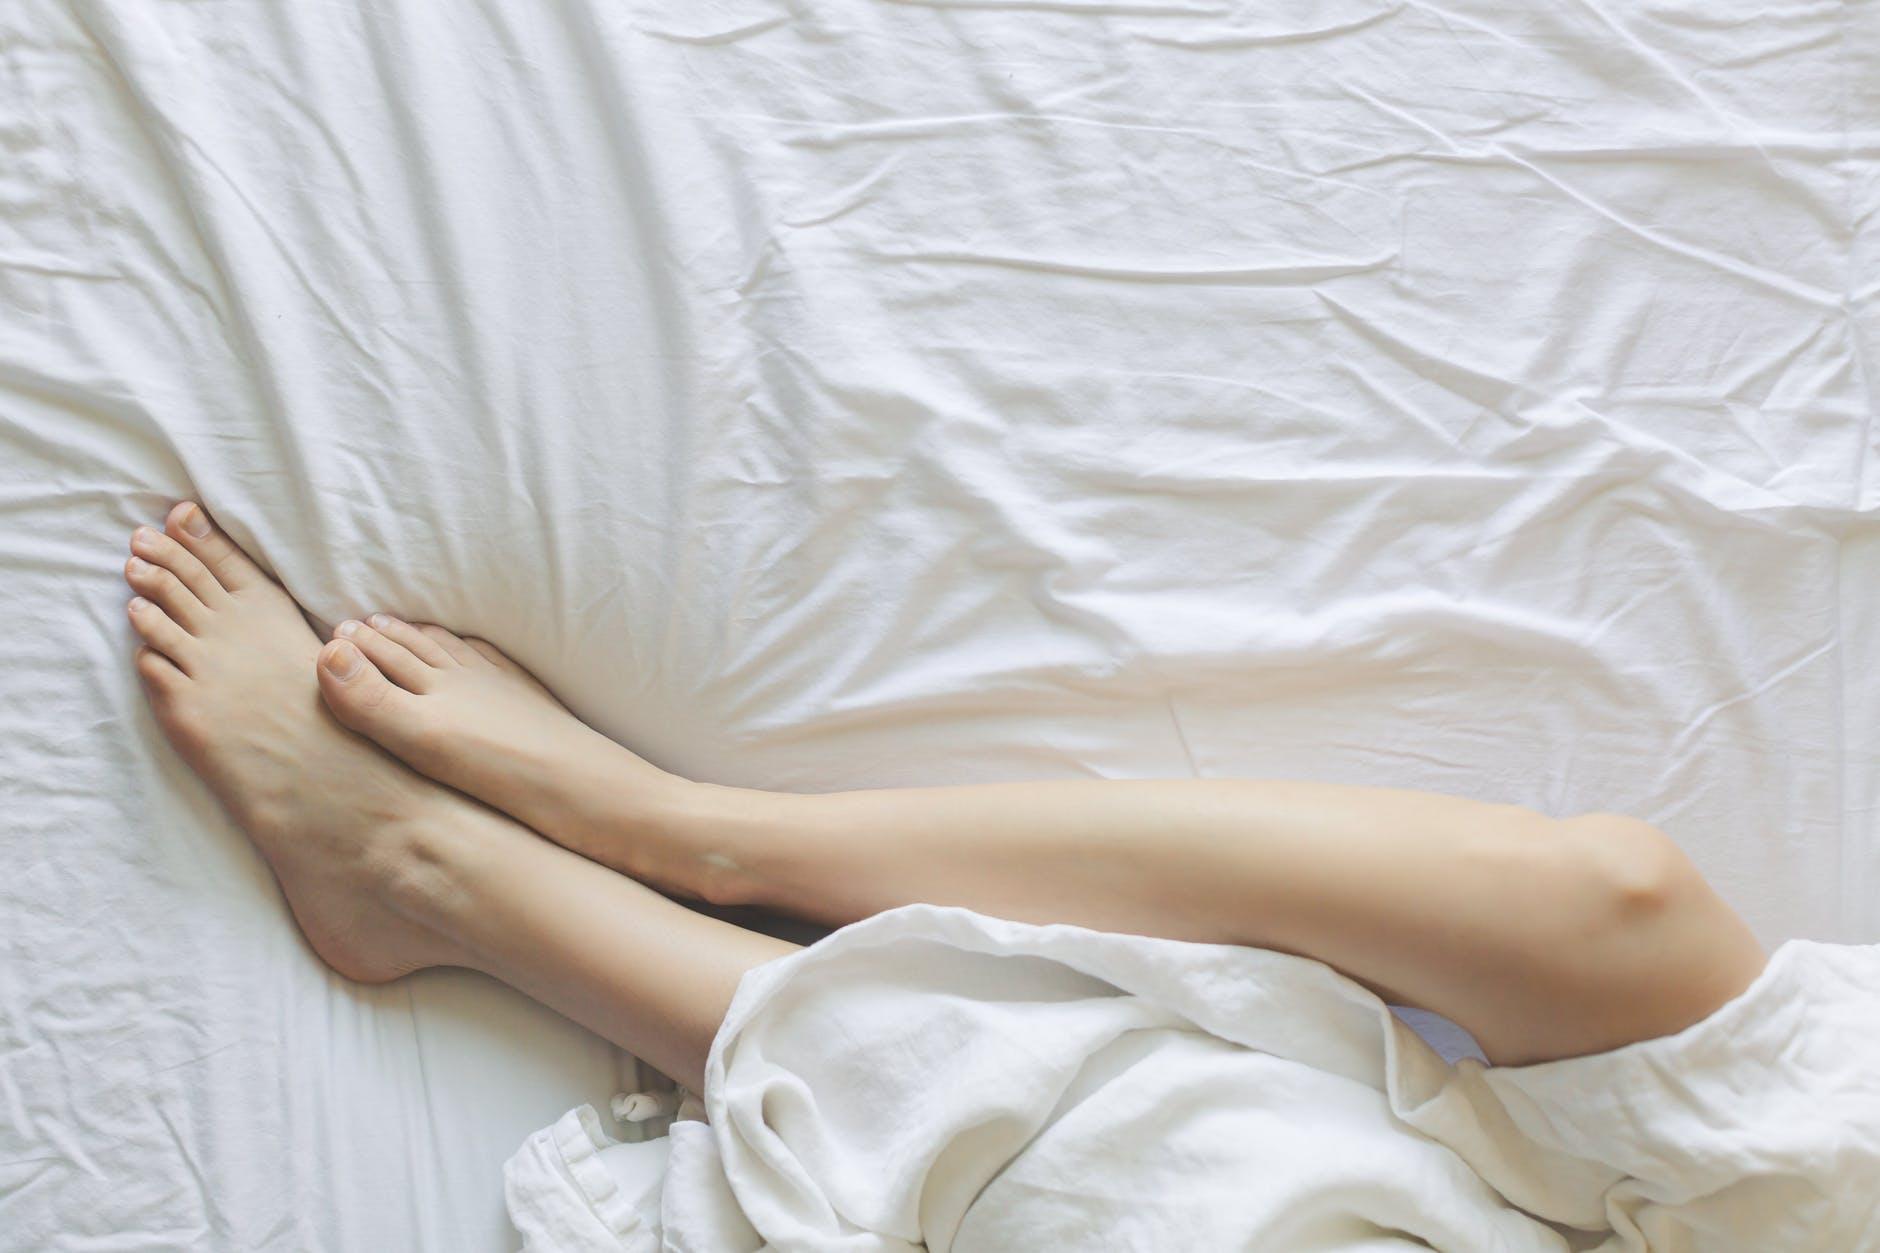 ¿Por qué se te duermen los pies?